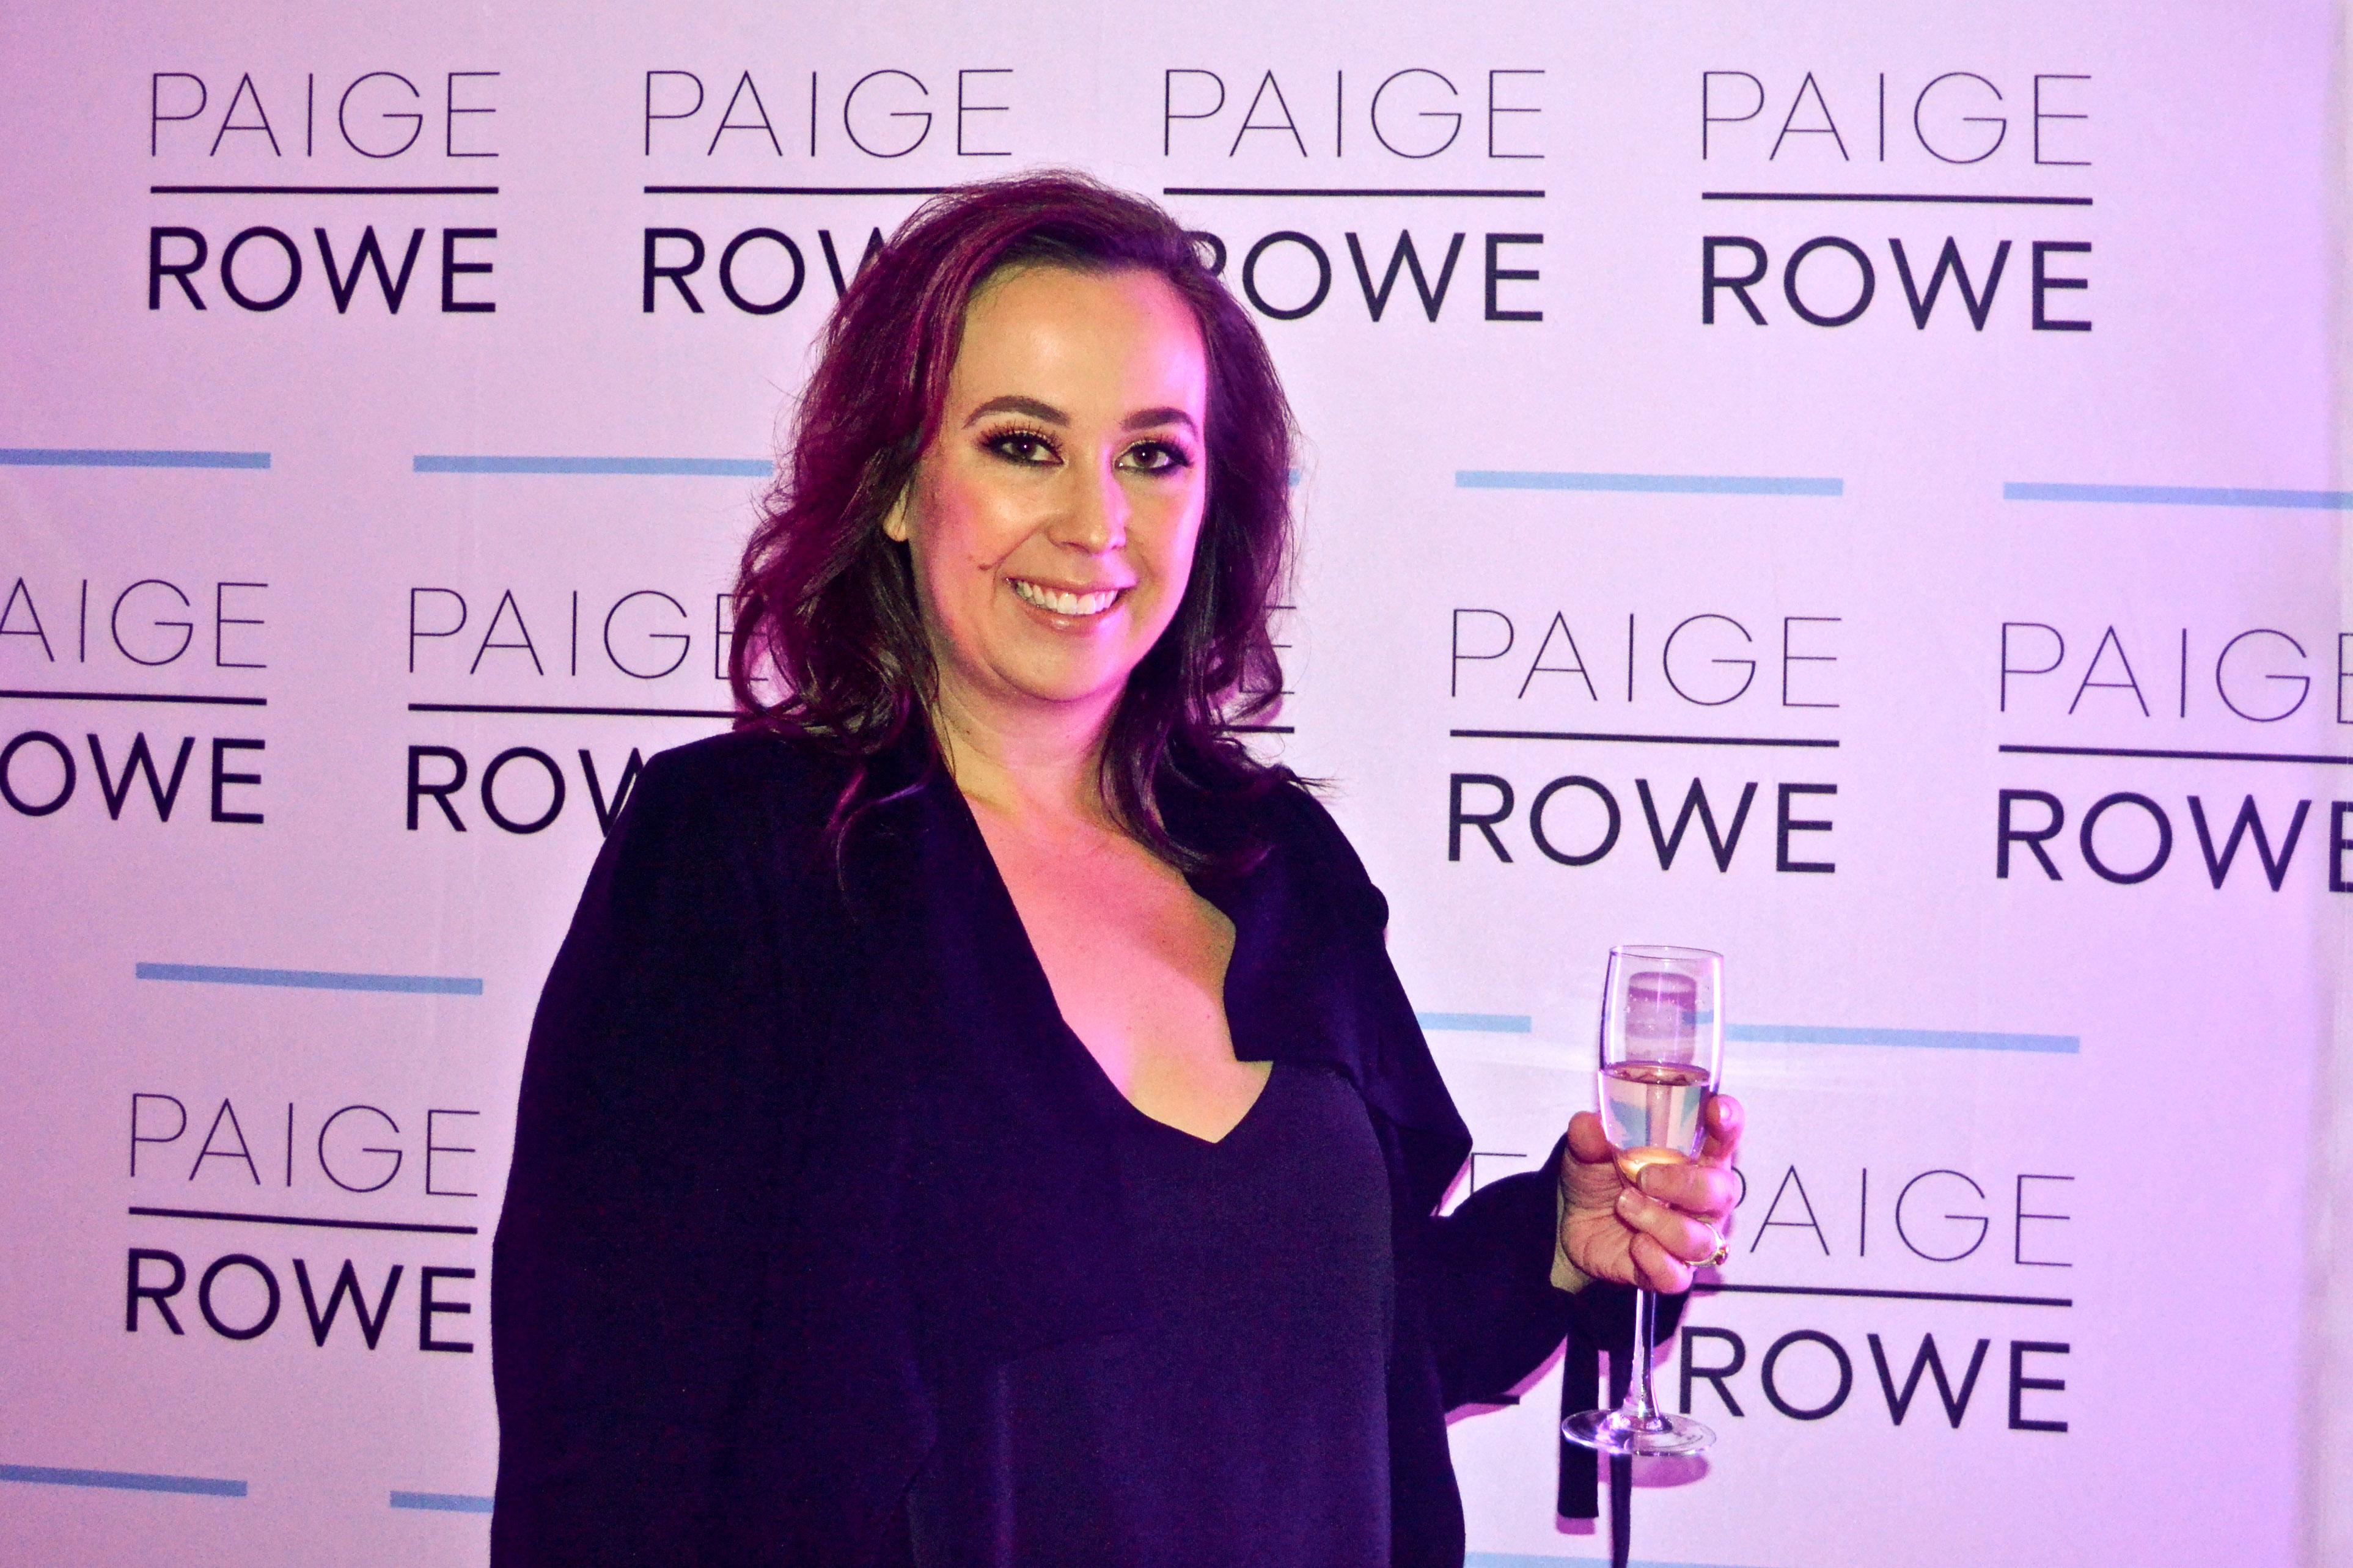 Paige-Rowe